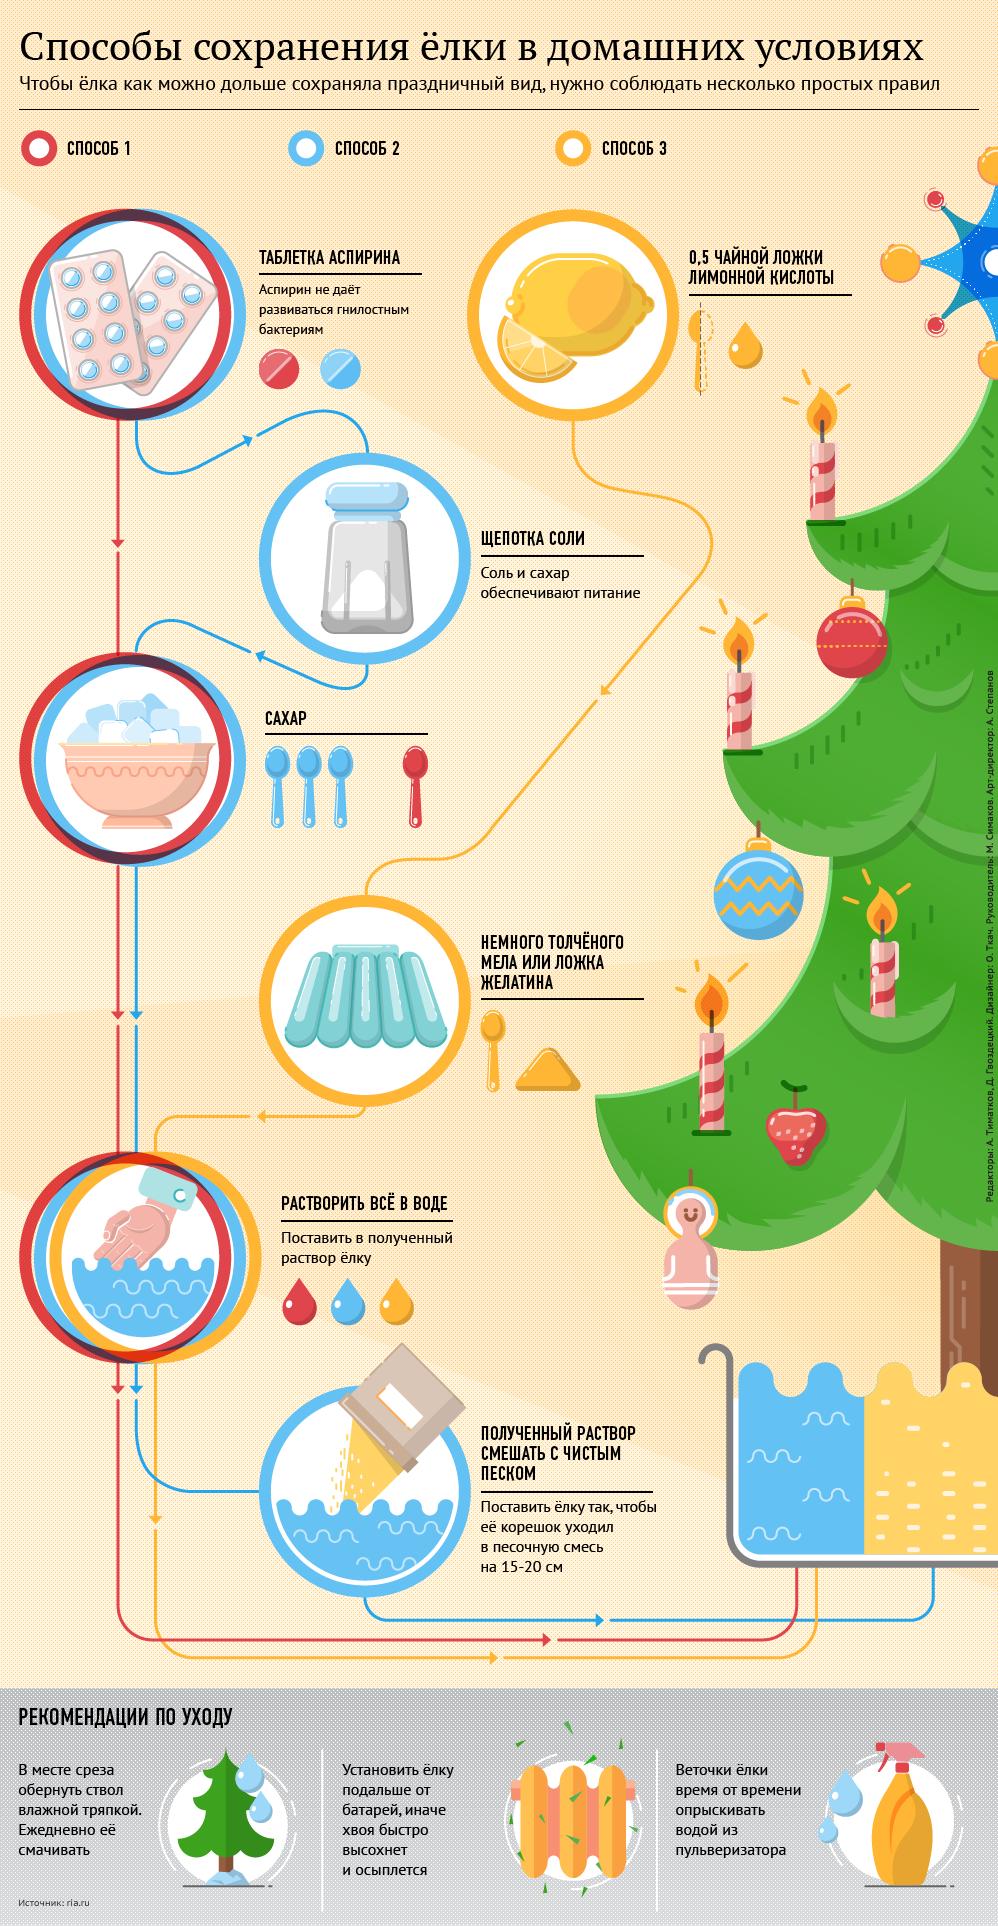 Способы сохранения елки